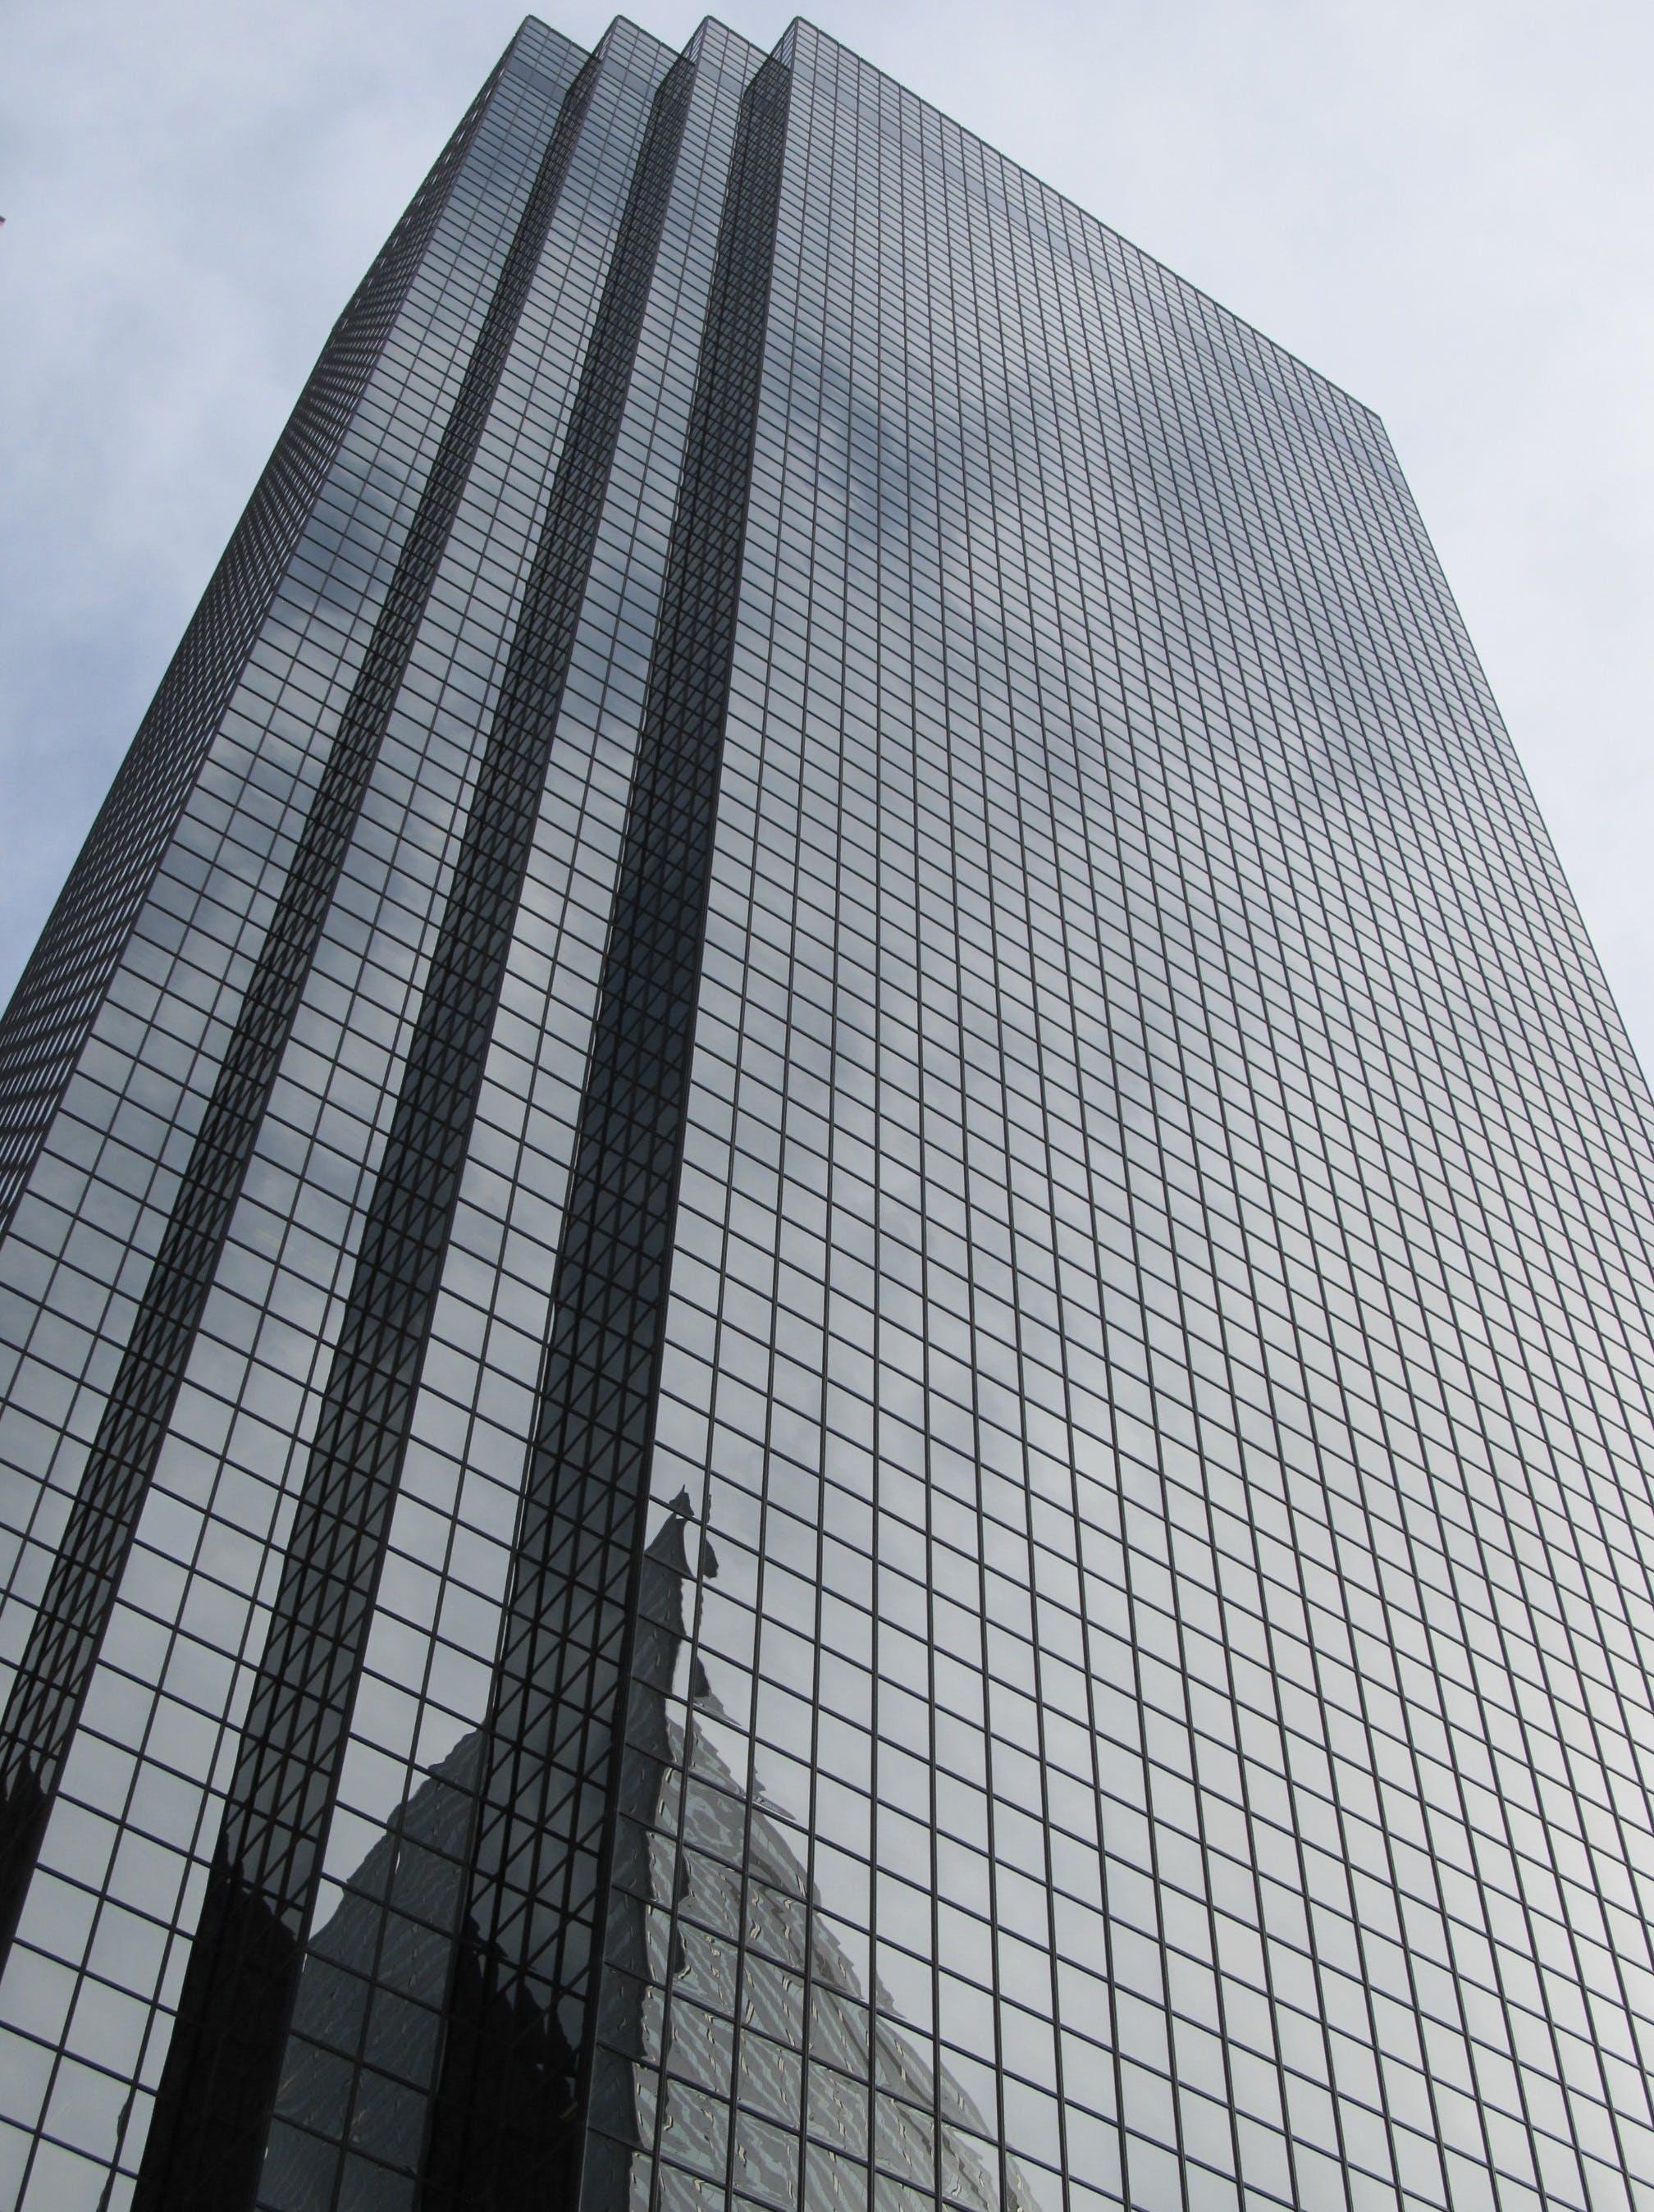 Kostenloses Stock Foto zu architektur, aufnahme von unten, glas, hochhaus